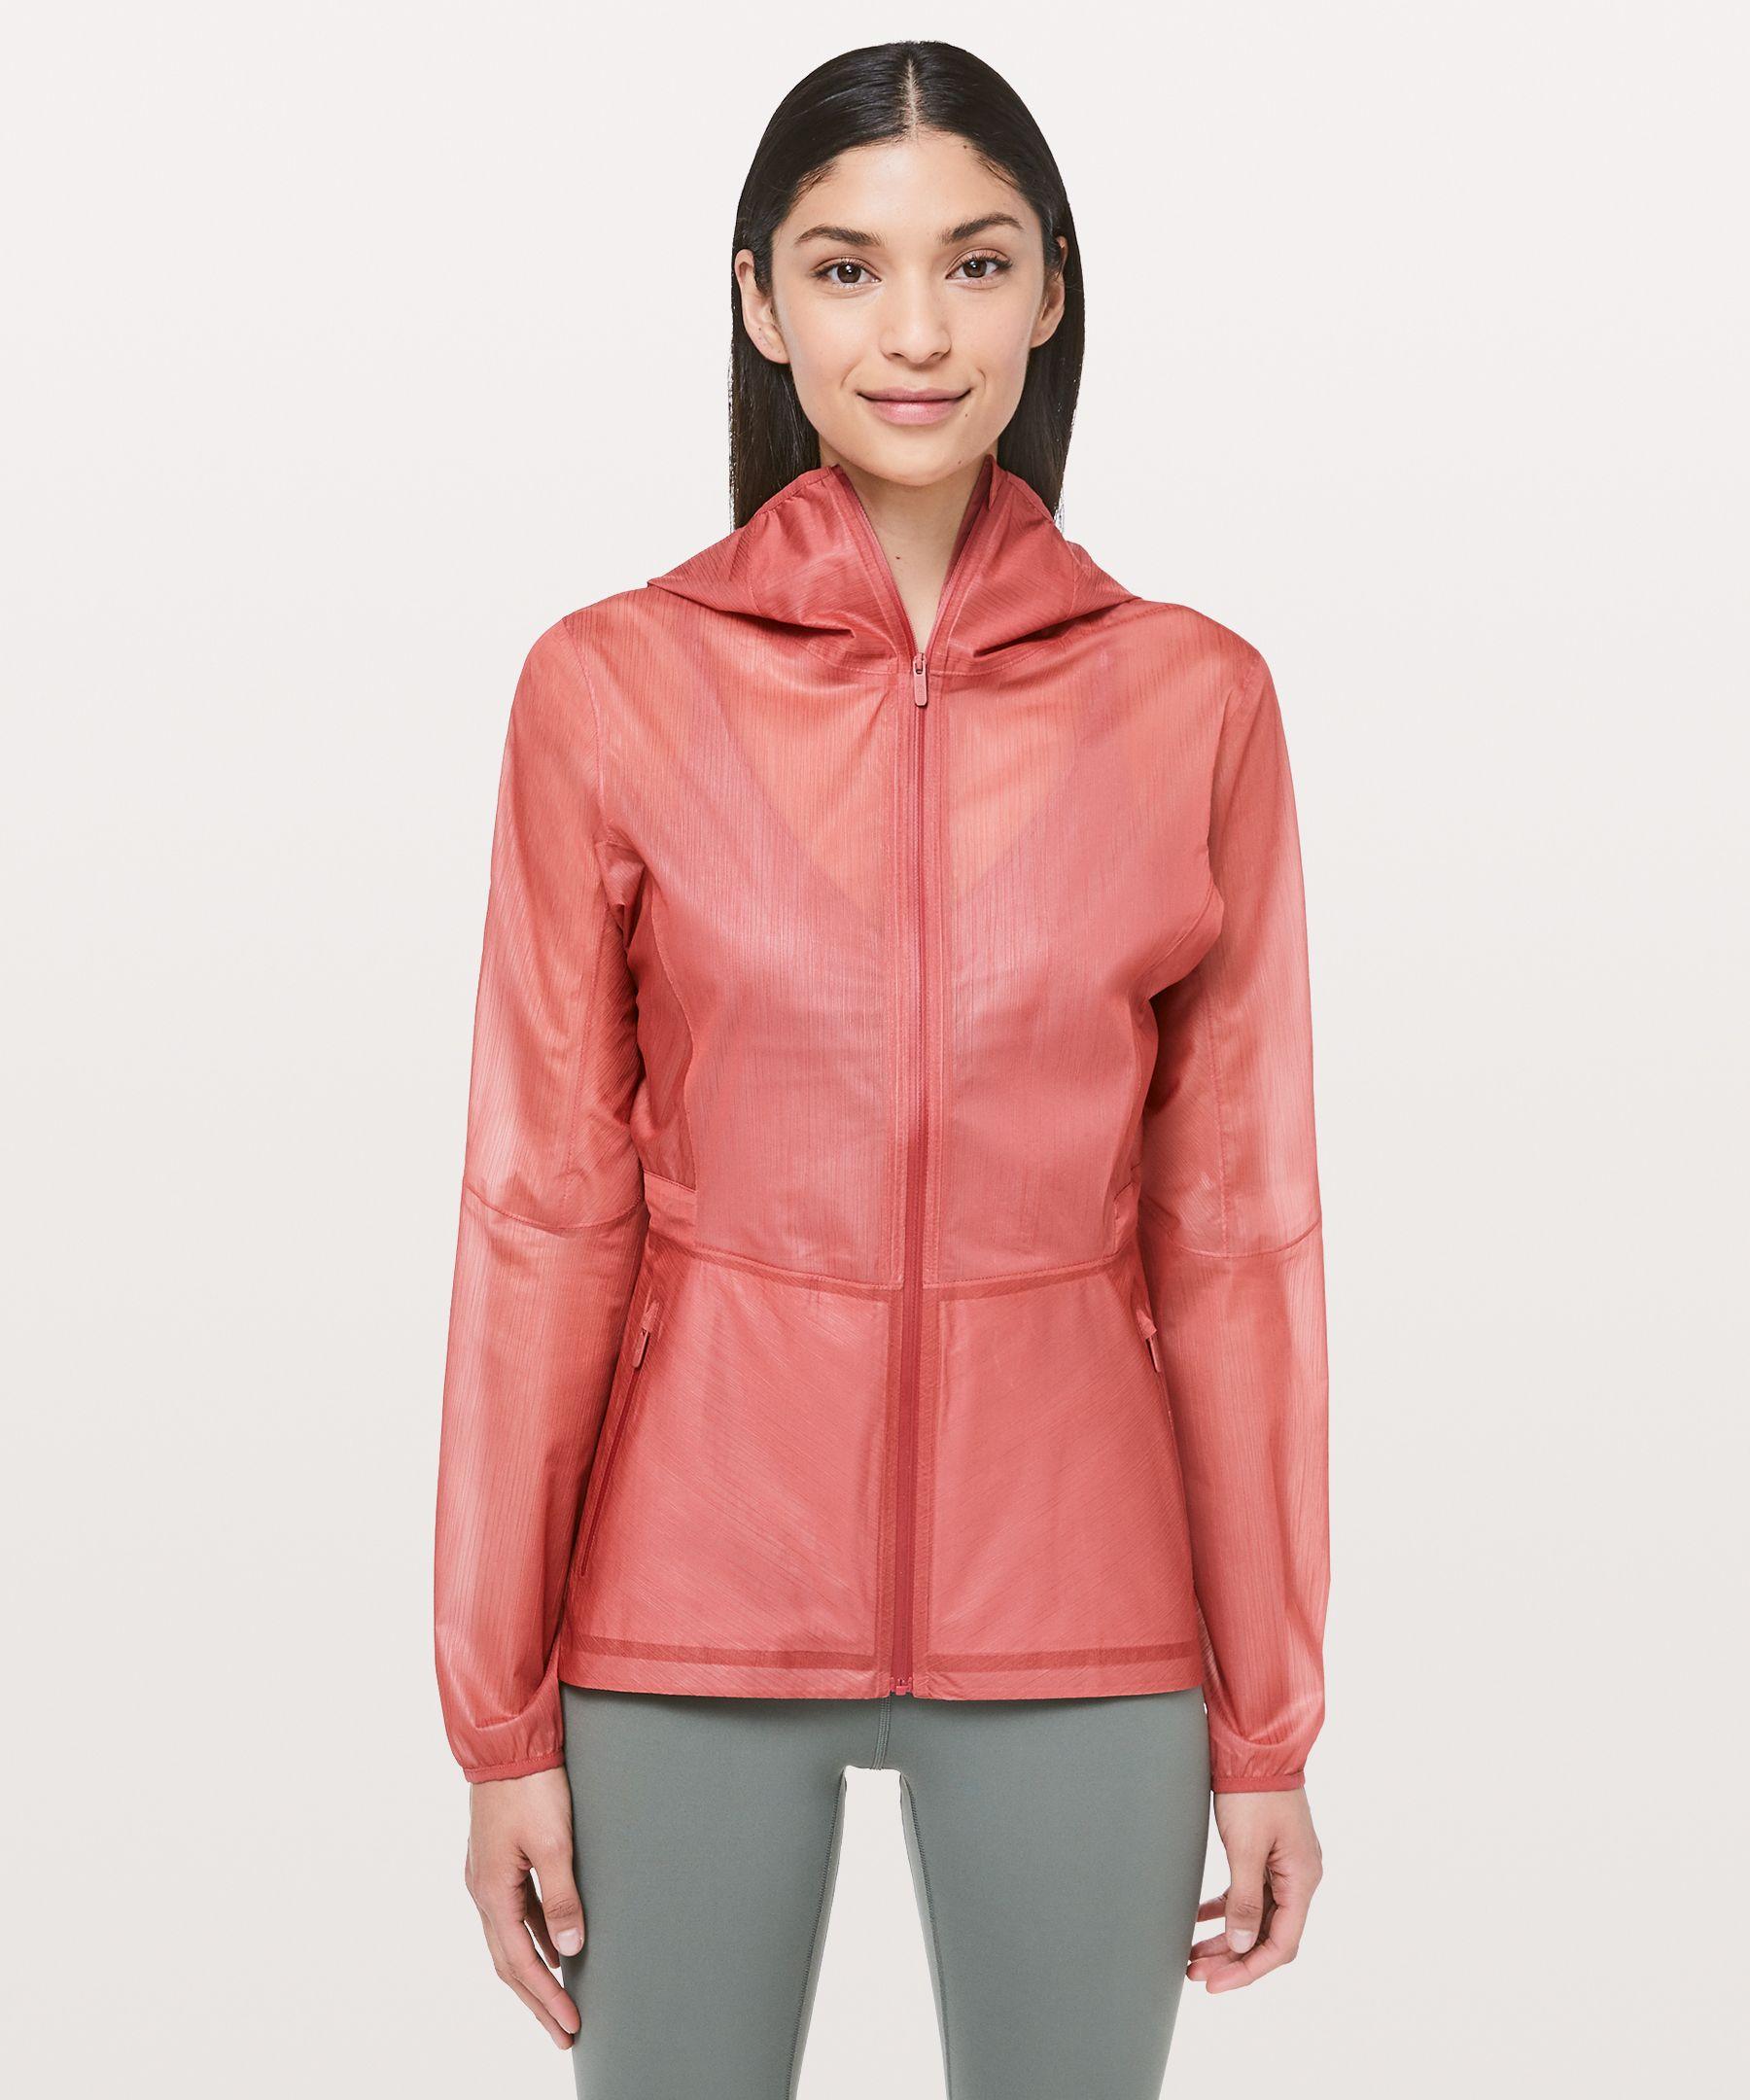 Lululemon On The Horizon Jacket In Brick Rose